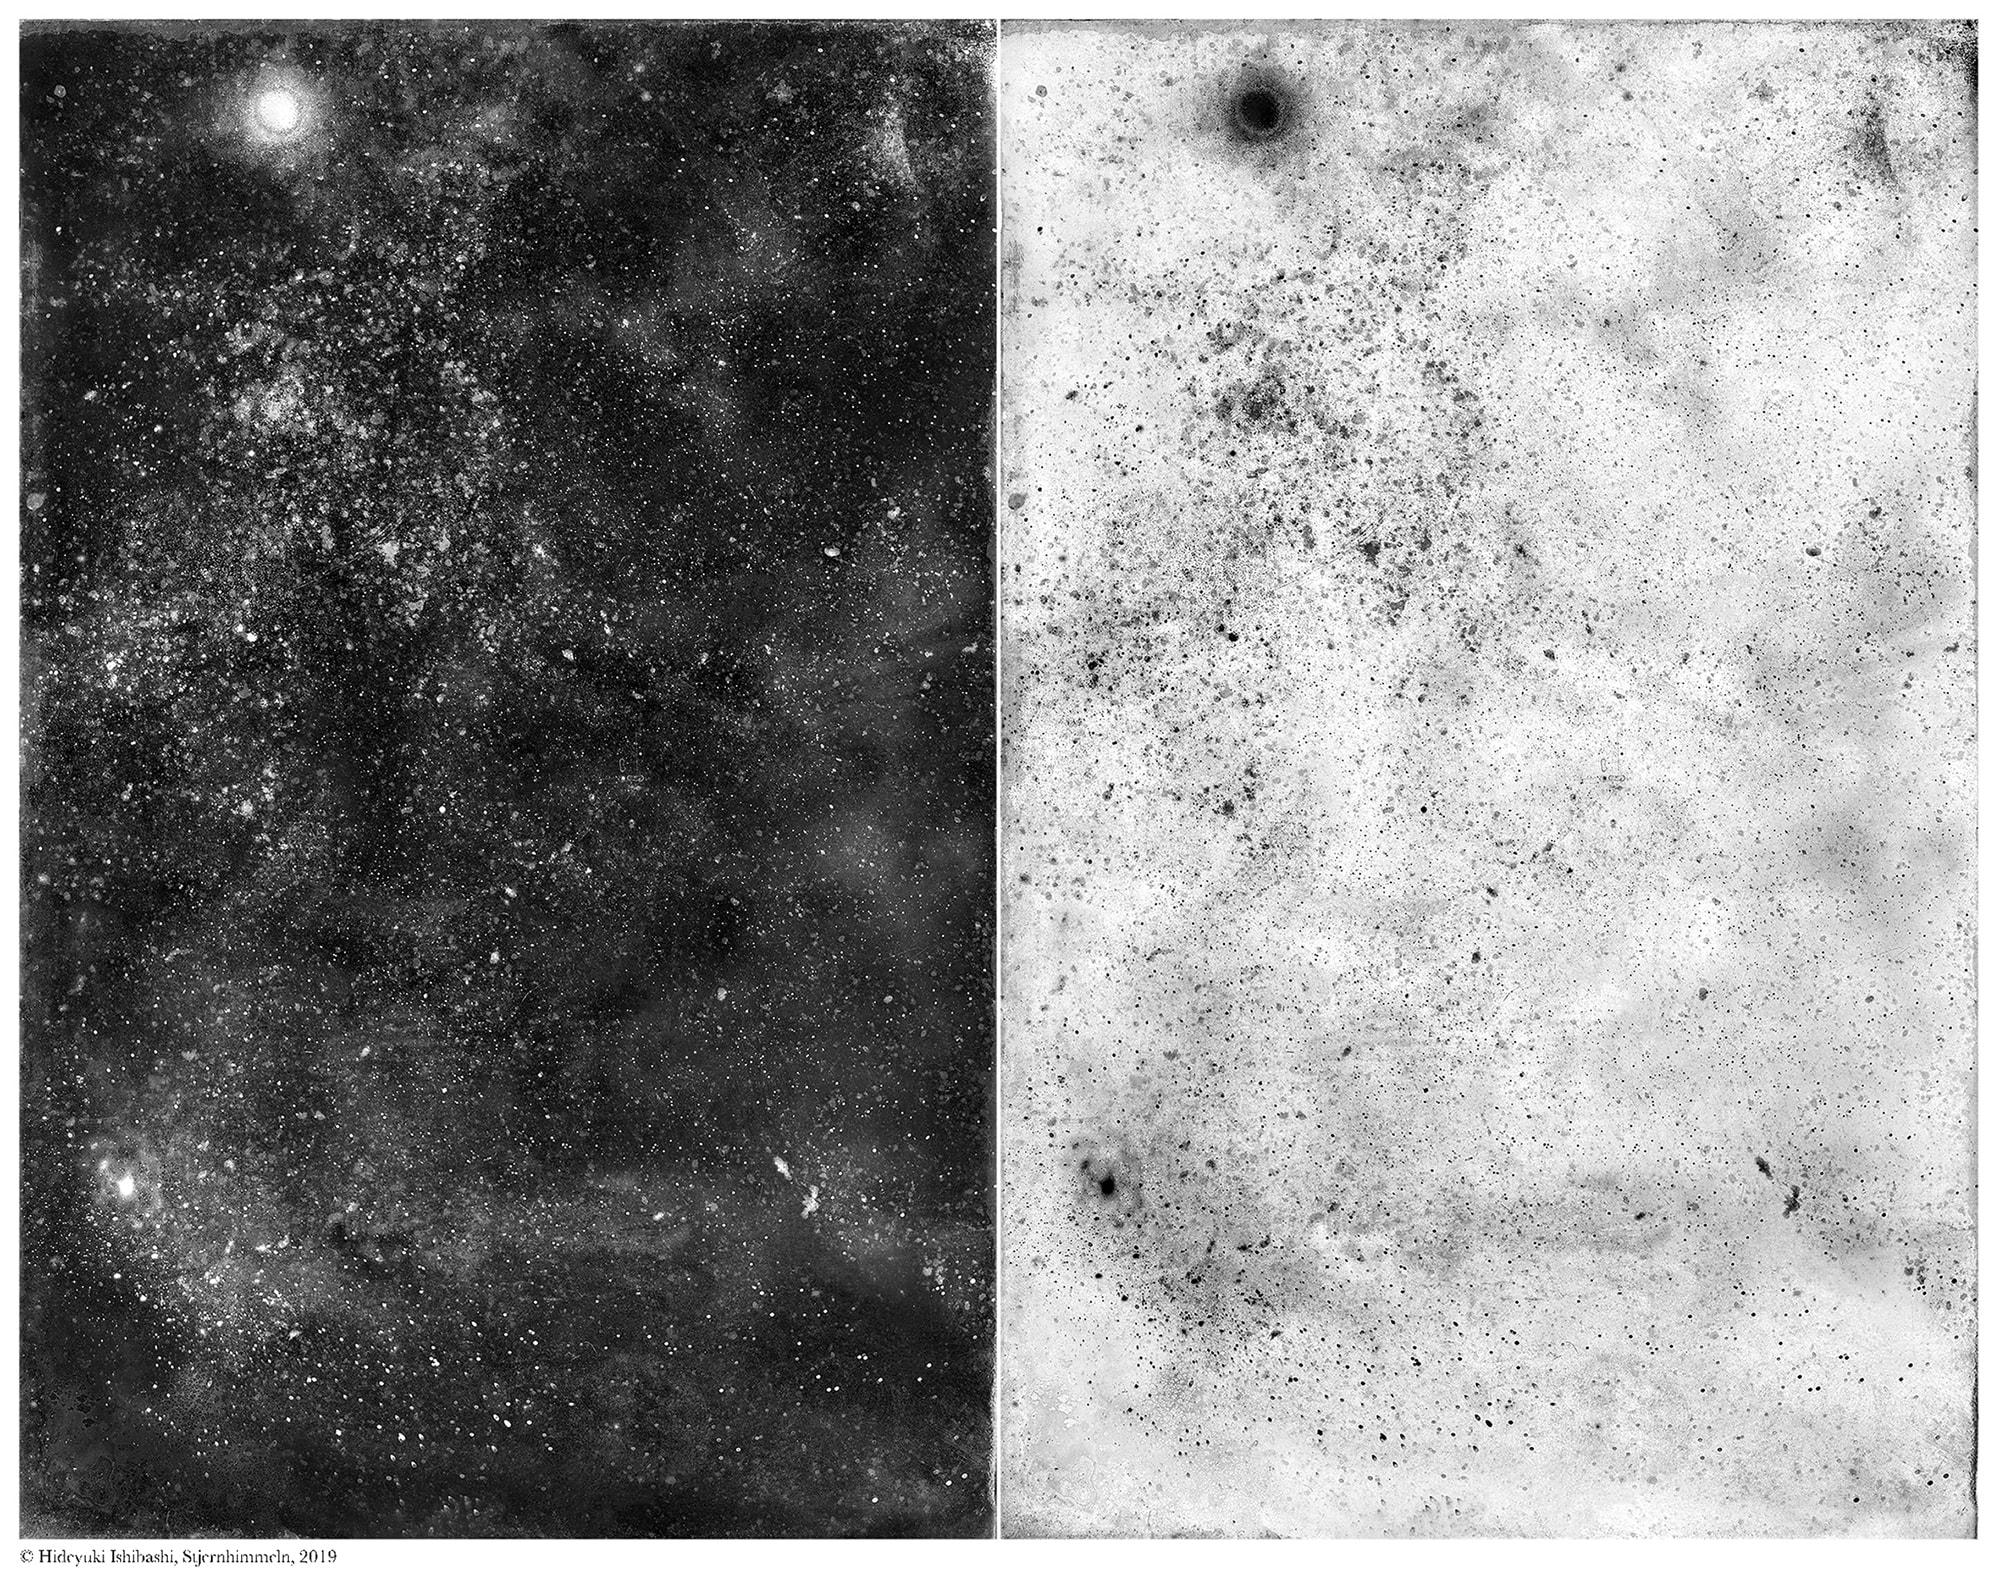 石橋英之がフランスのアーティスト・イン・レジデンスLa Capsuleでの成果を個展で発表「Un regard vers le ciel(空を仰ぐ)」展 | Un regard vers le ciel